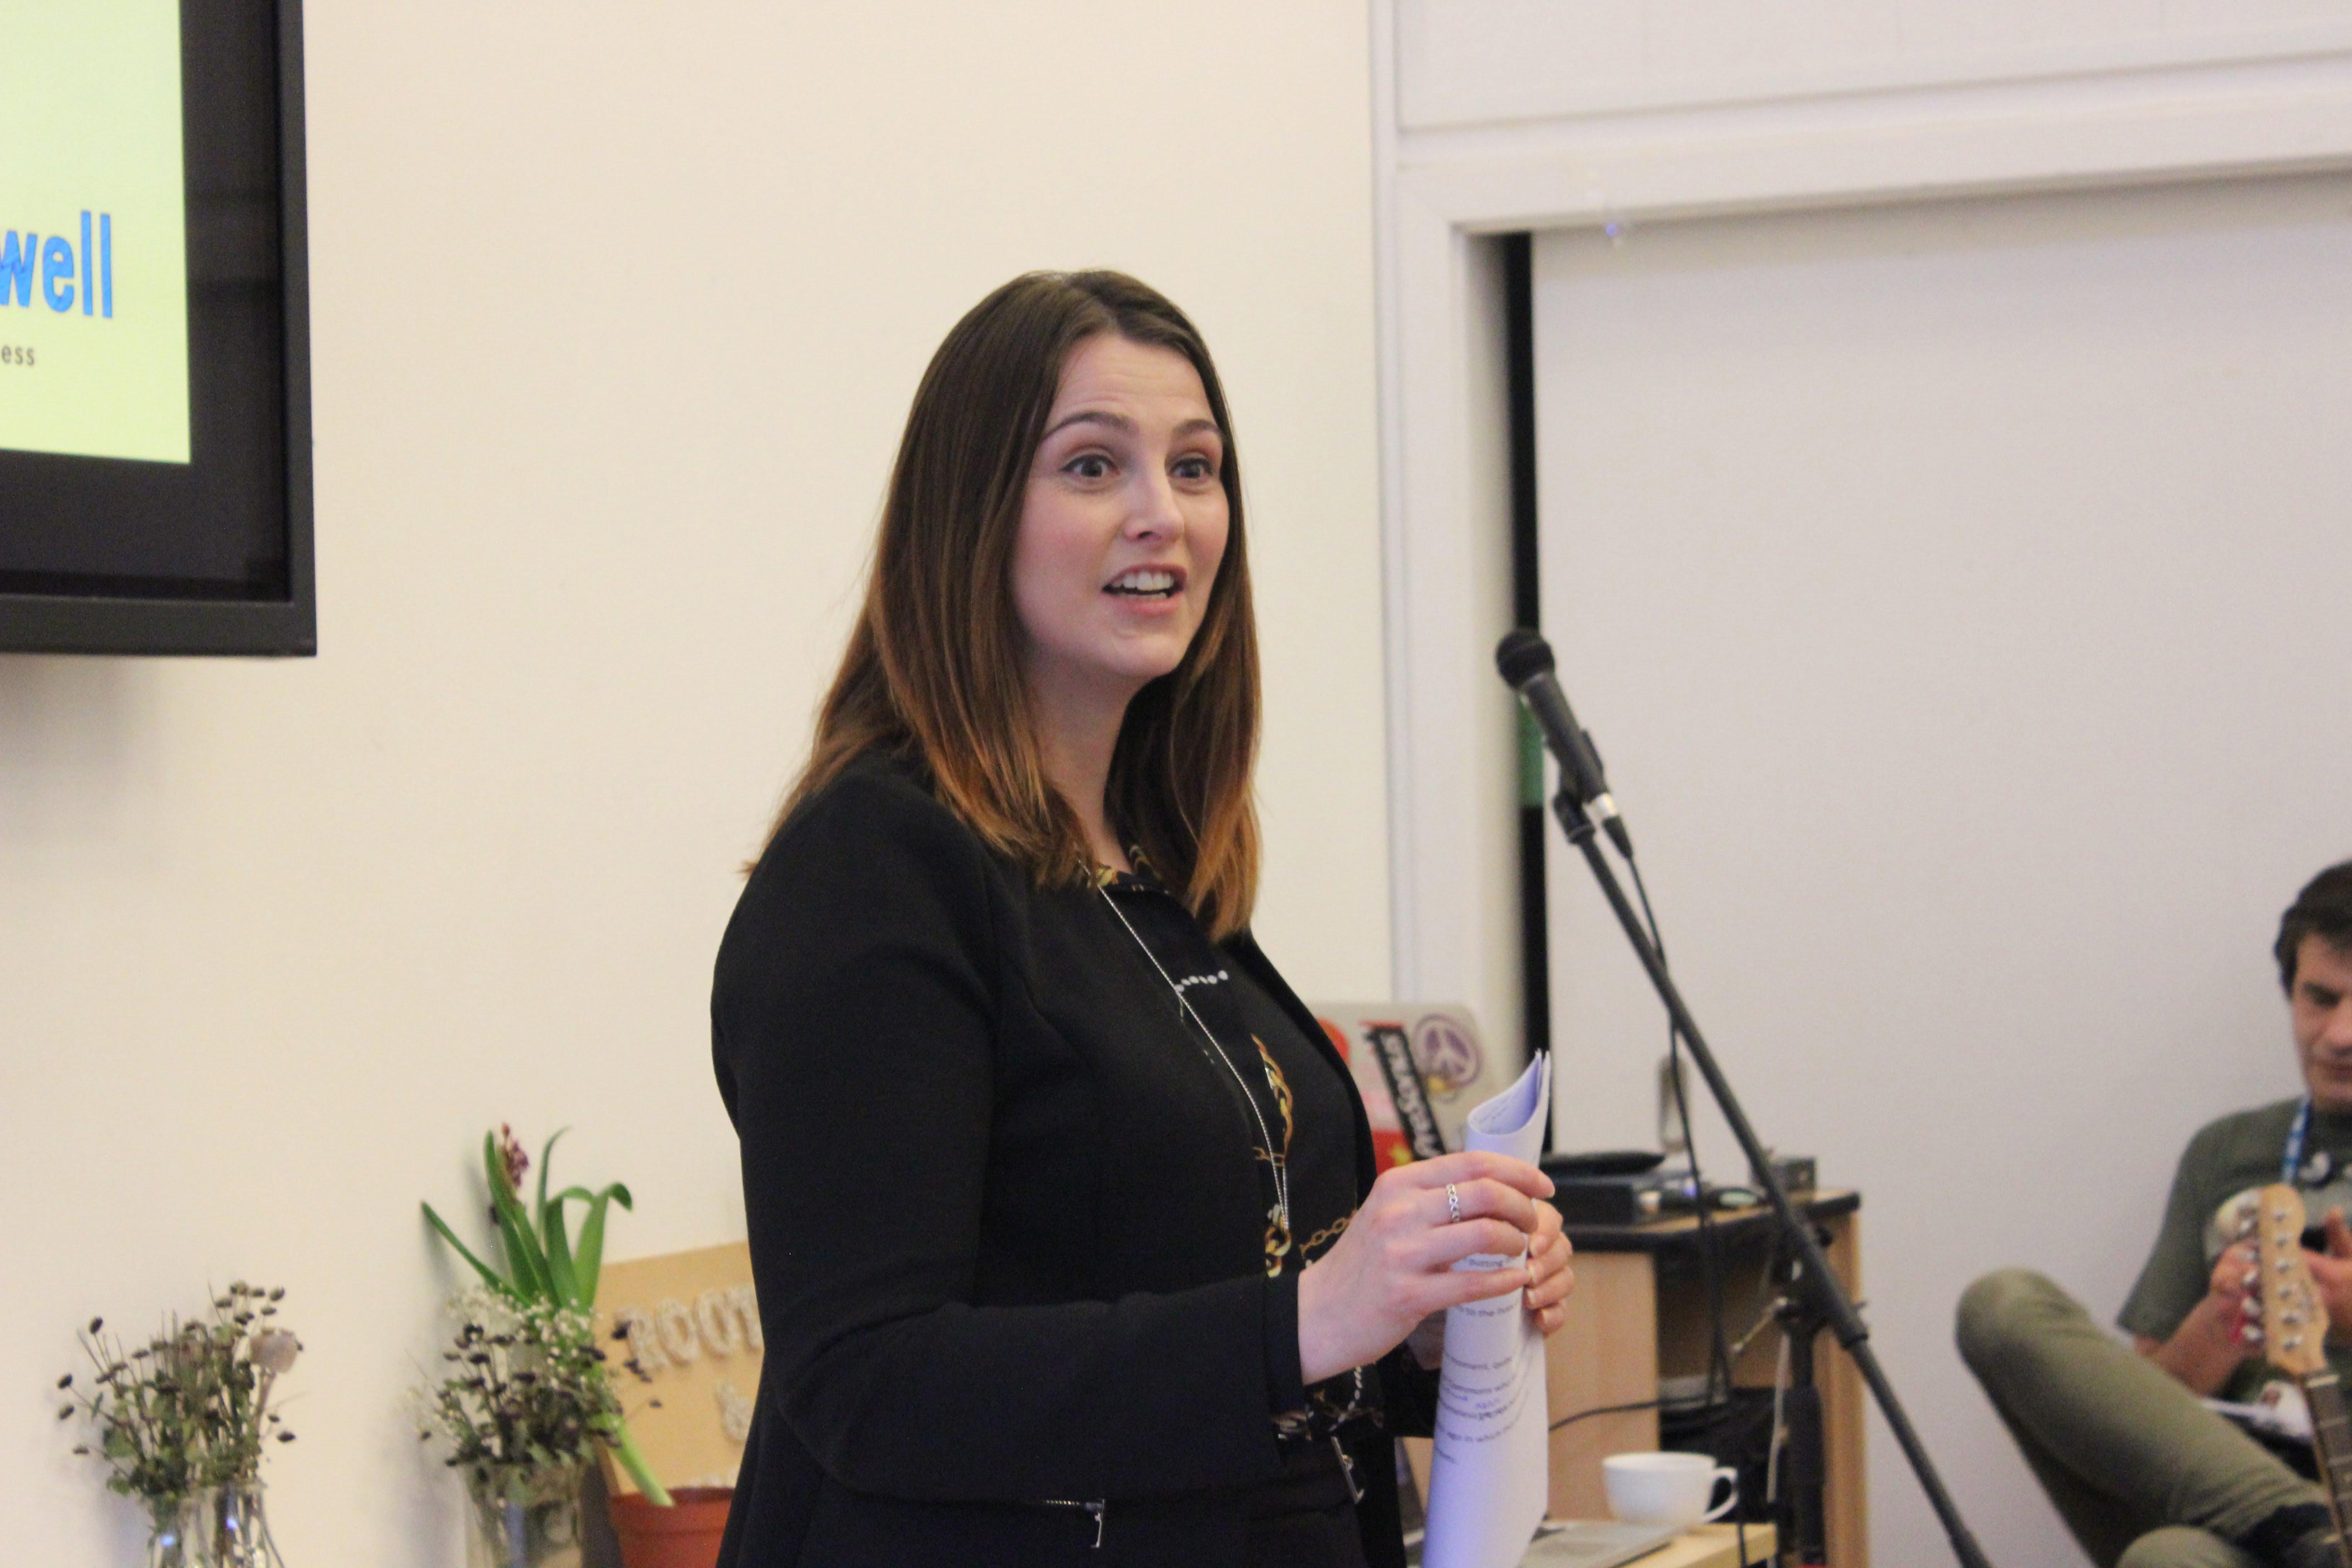 Melanie Onn speaking